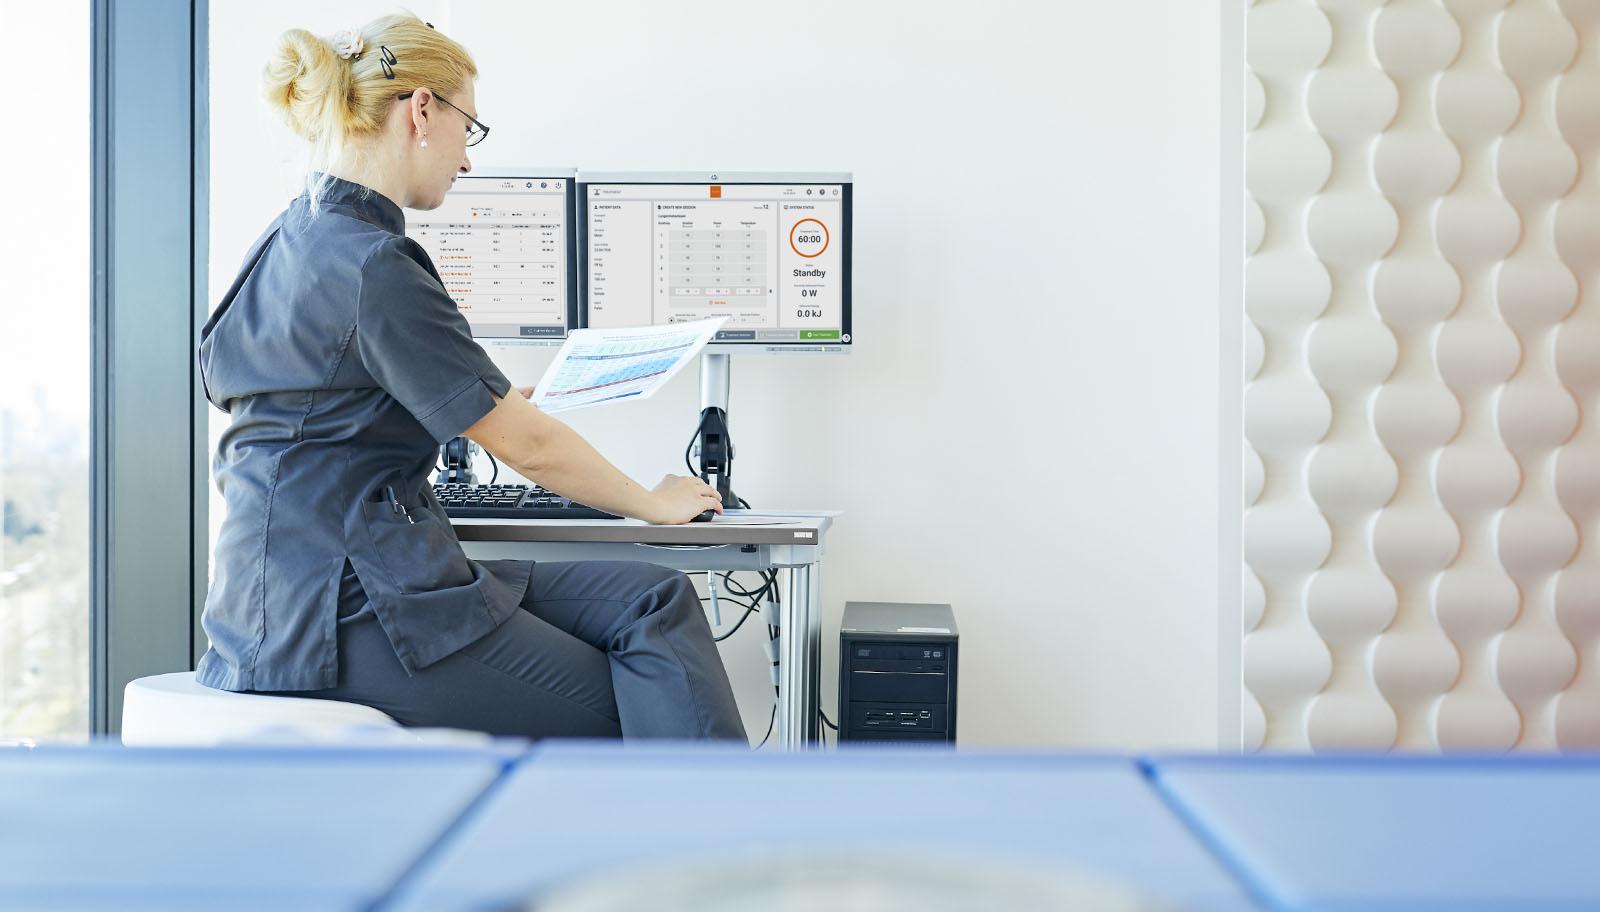 Η υπερθερμία είναι το ενισχυτικό της χημειοθεραπείας και της ακτινοβολίας.